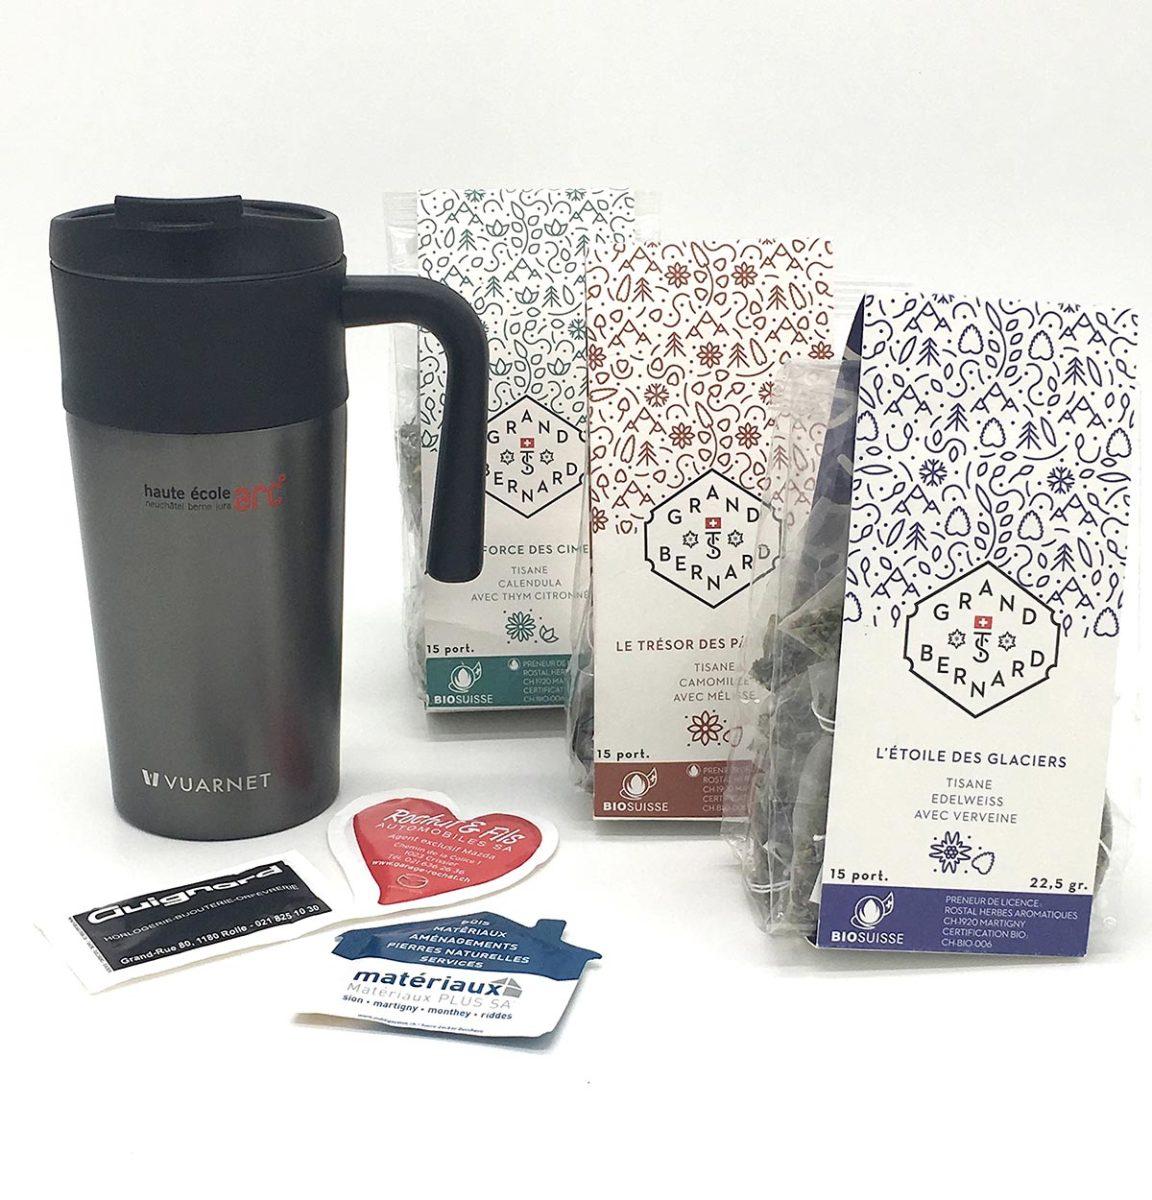 Sachet de thé personnalisé - Unilabs